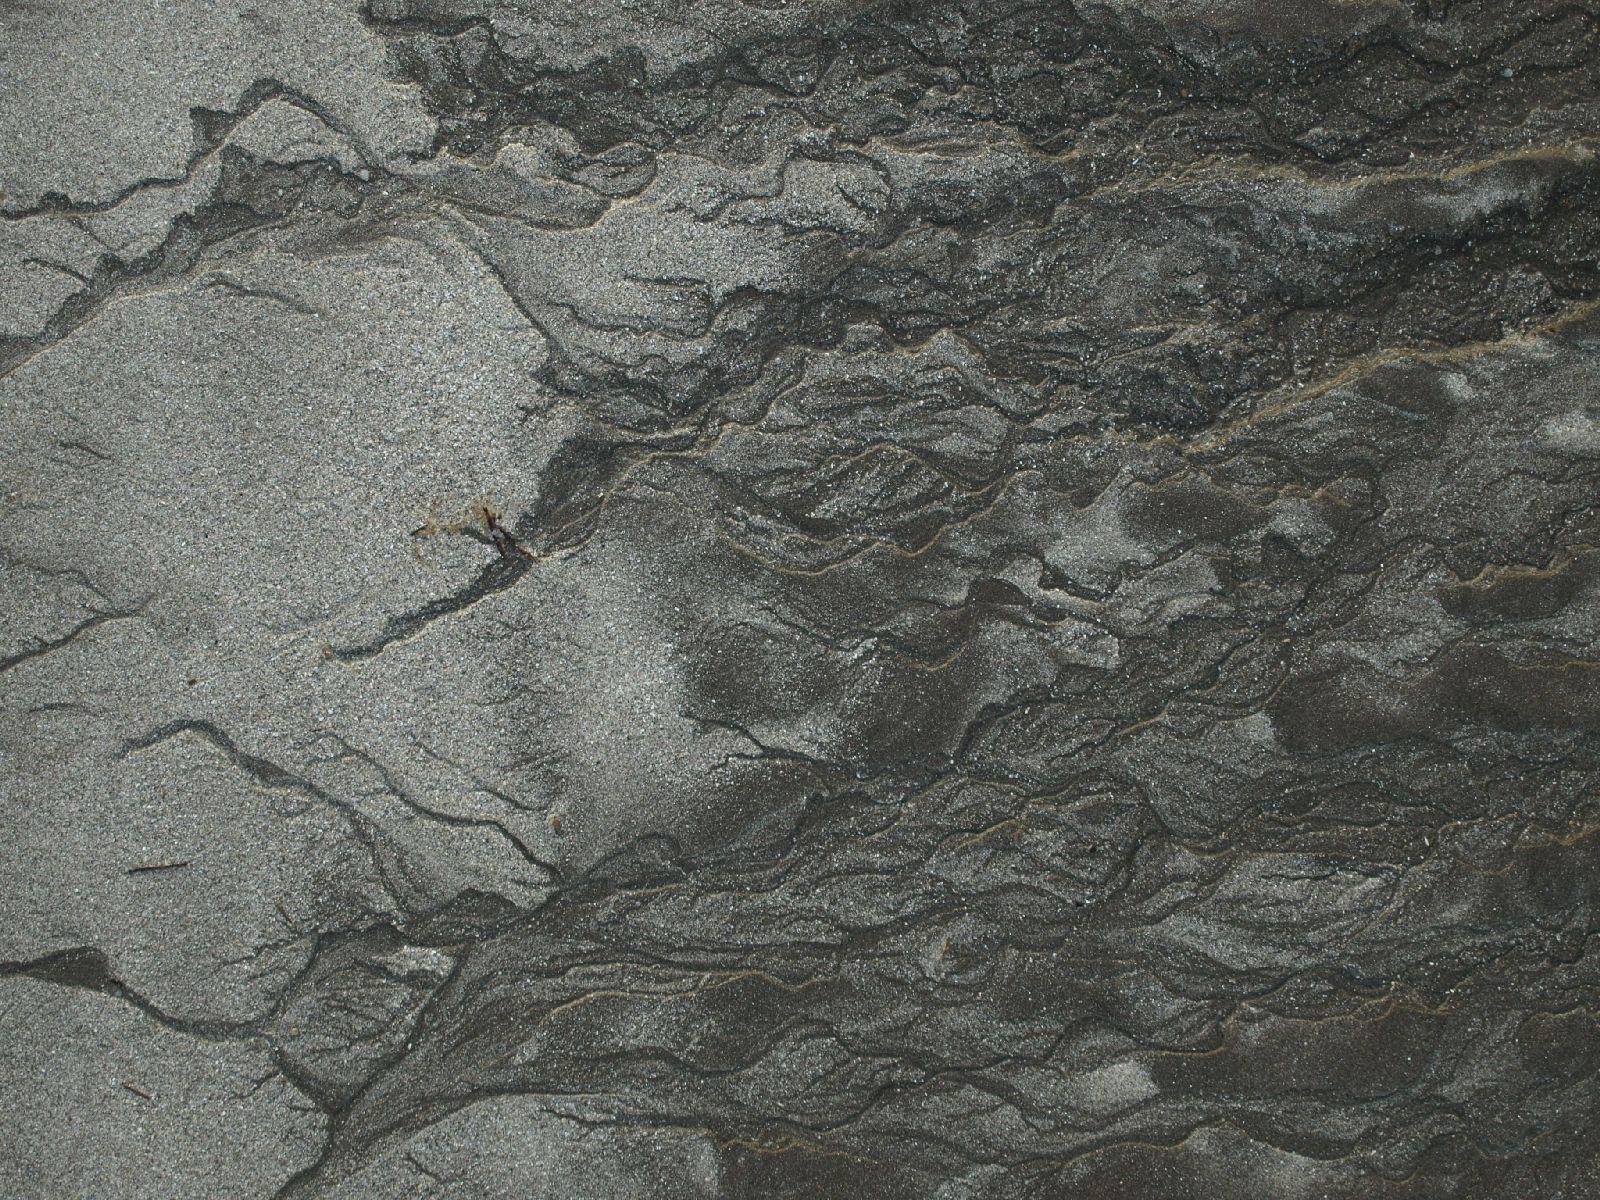 Boden-Erde-Steine_Textur_A_P5254980